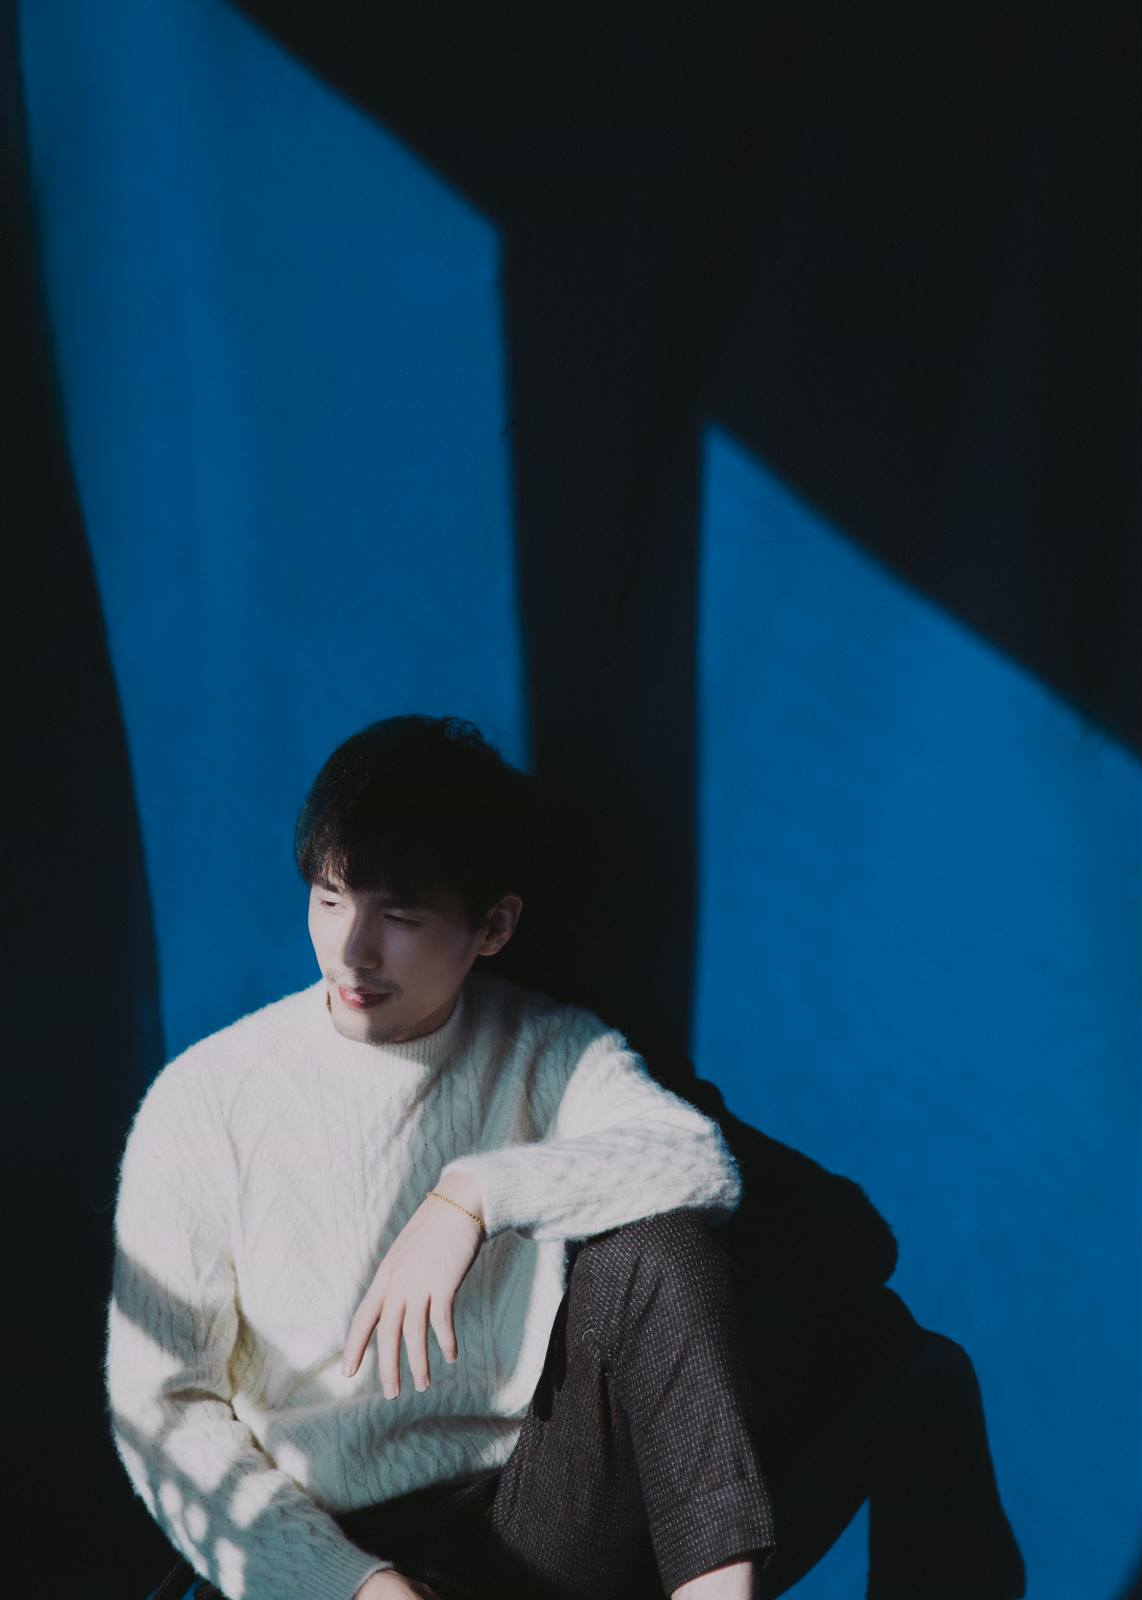 白宇身着ANZHENG 2018冬系列白色针织毛衣温暖亮相